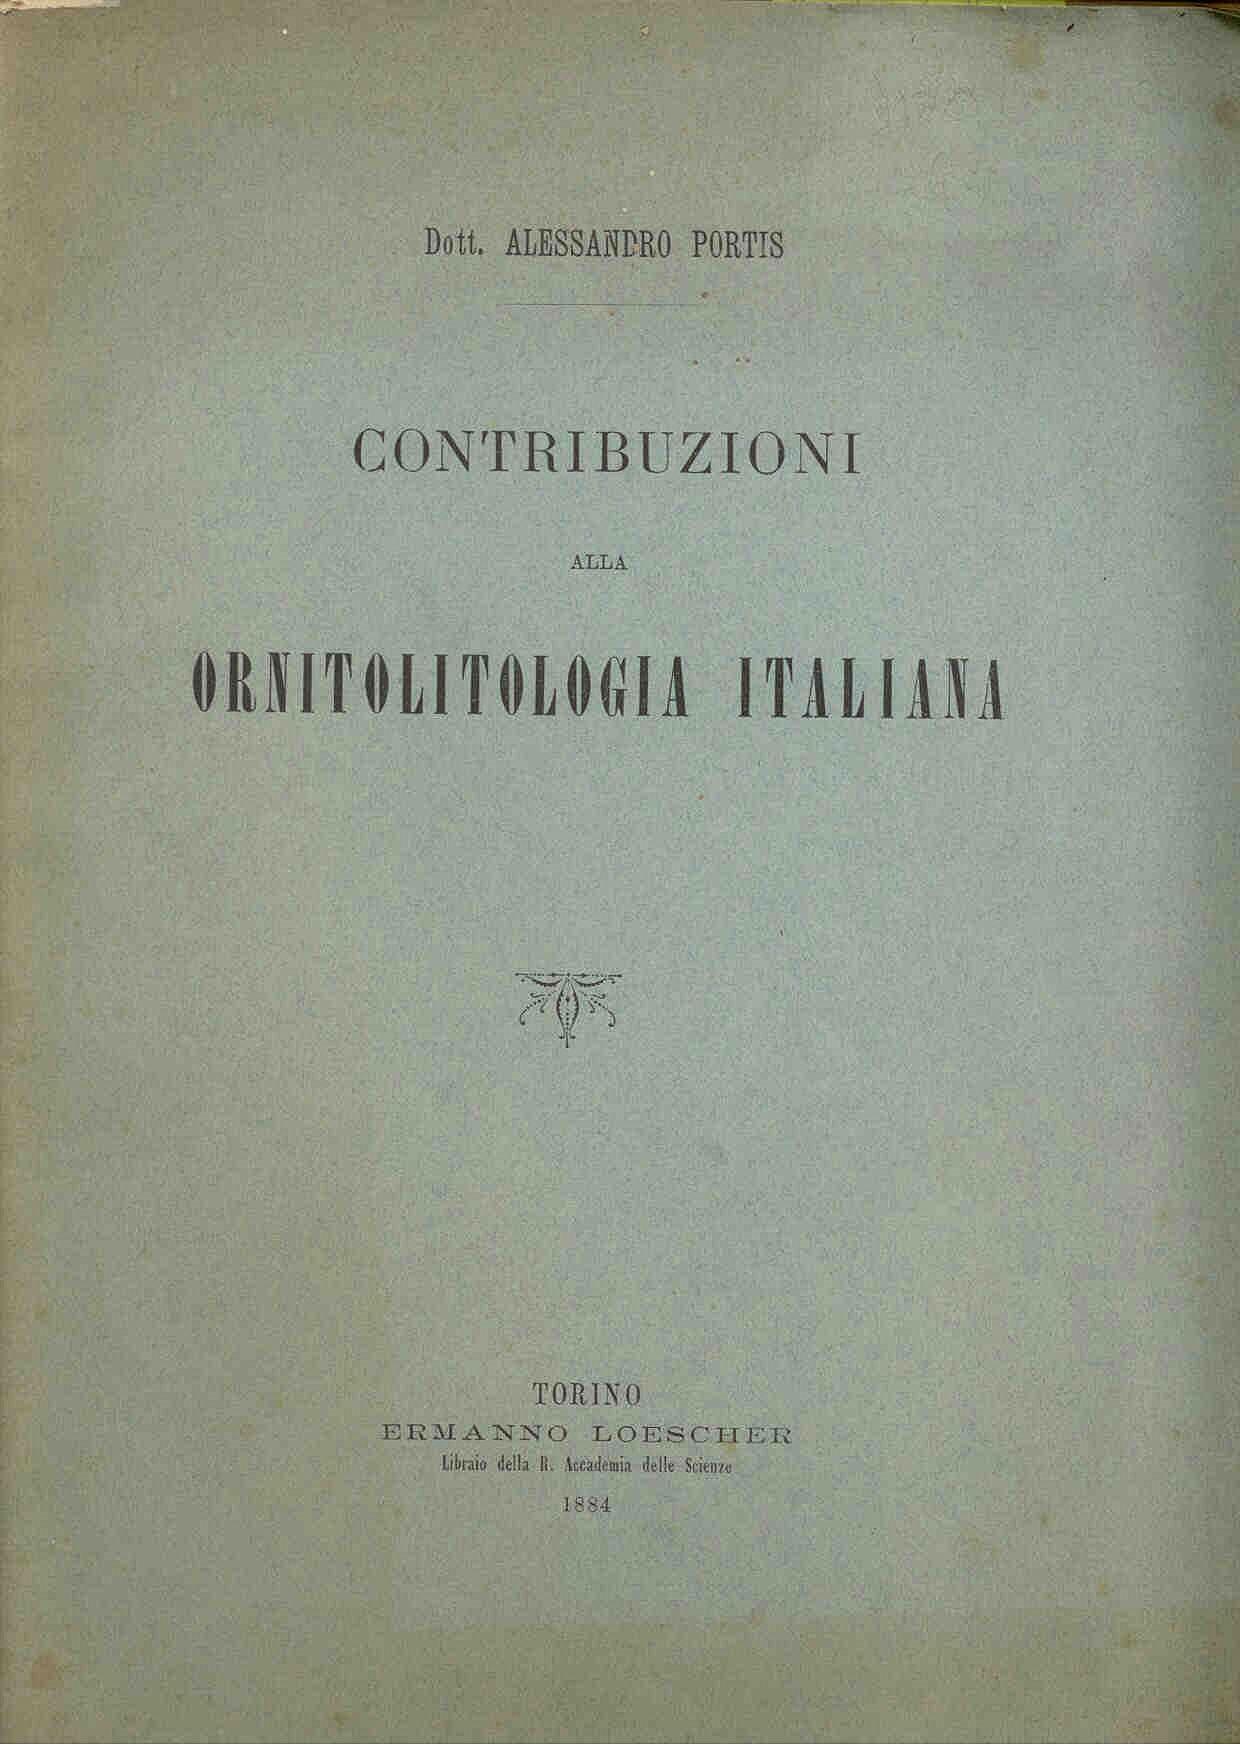 Portis, A.: Contribuzioni alla ornitolitologia italiana.